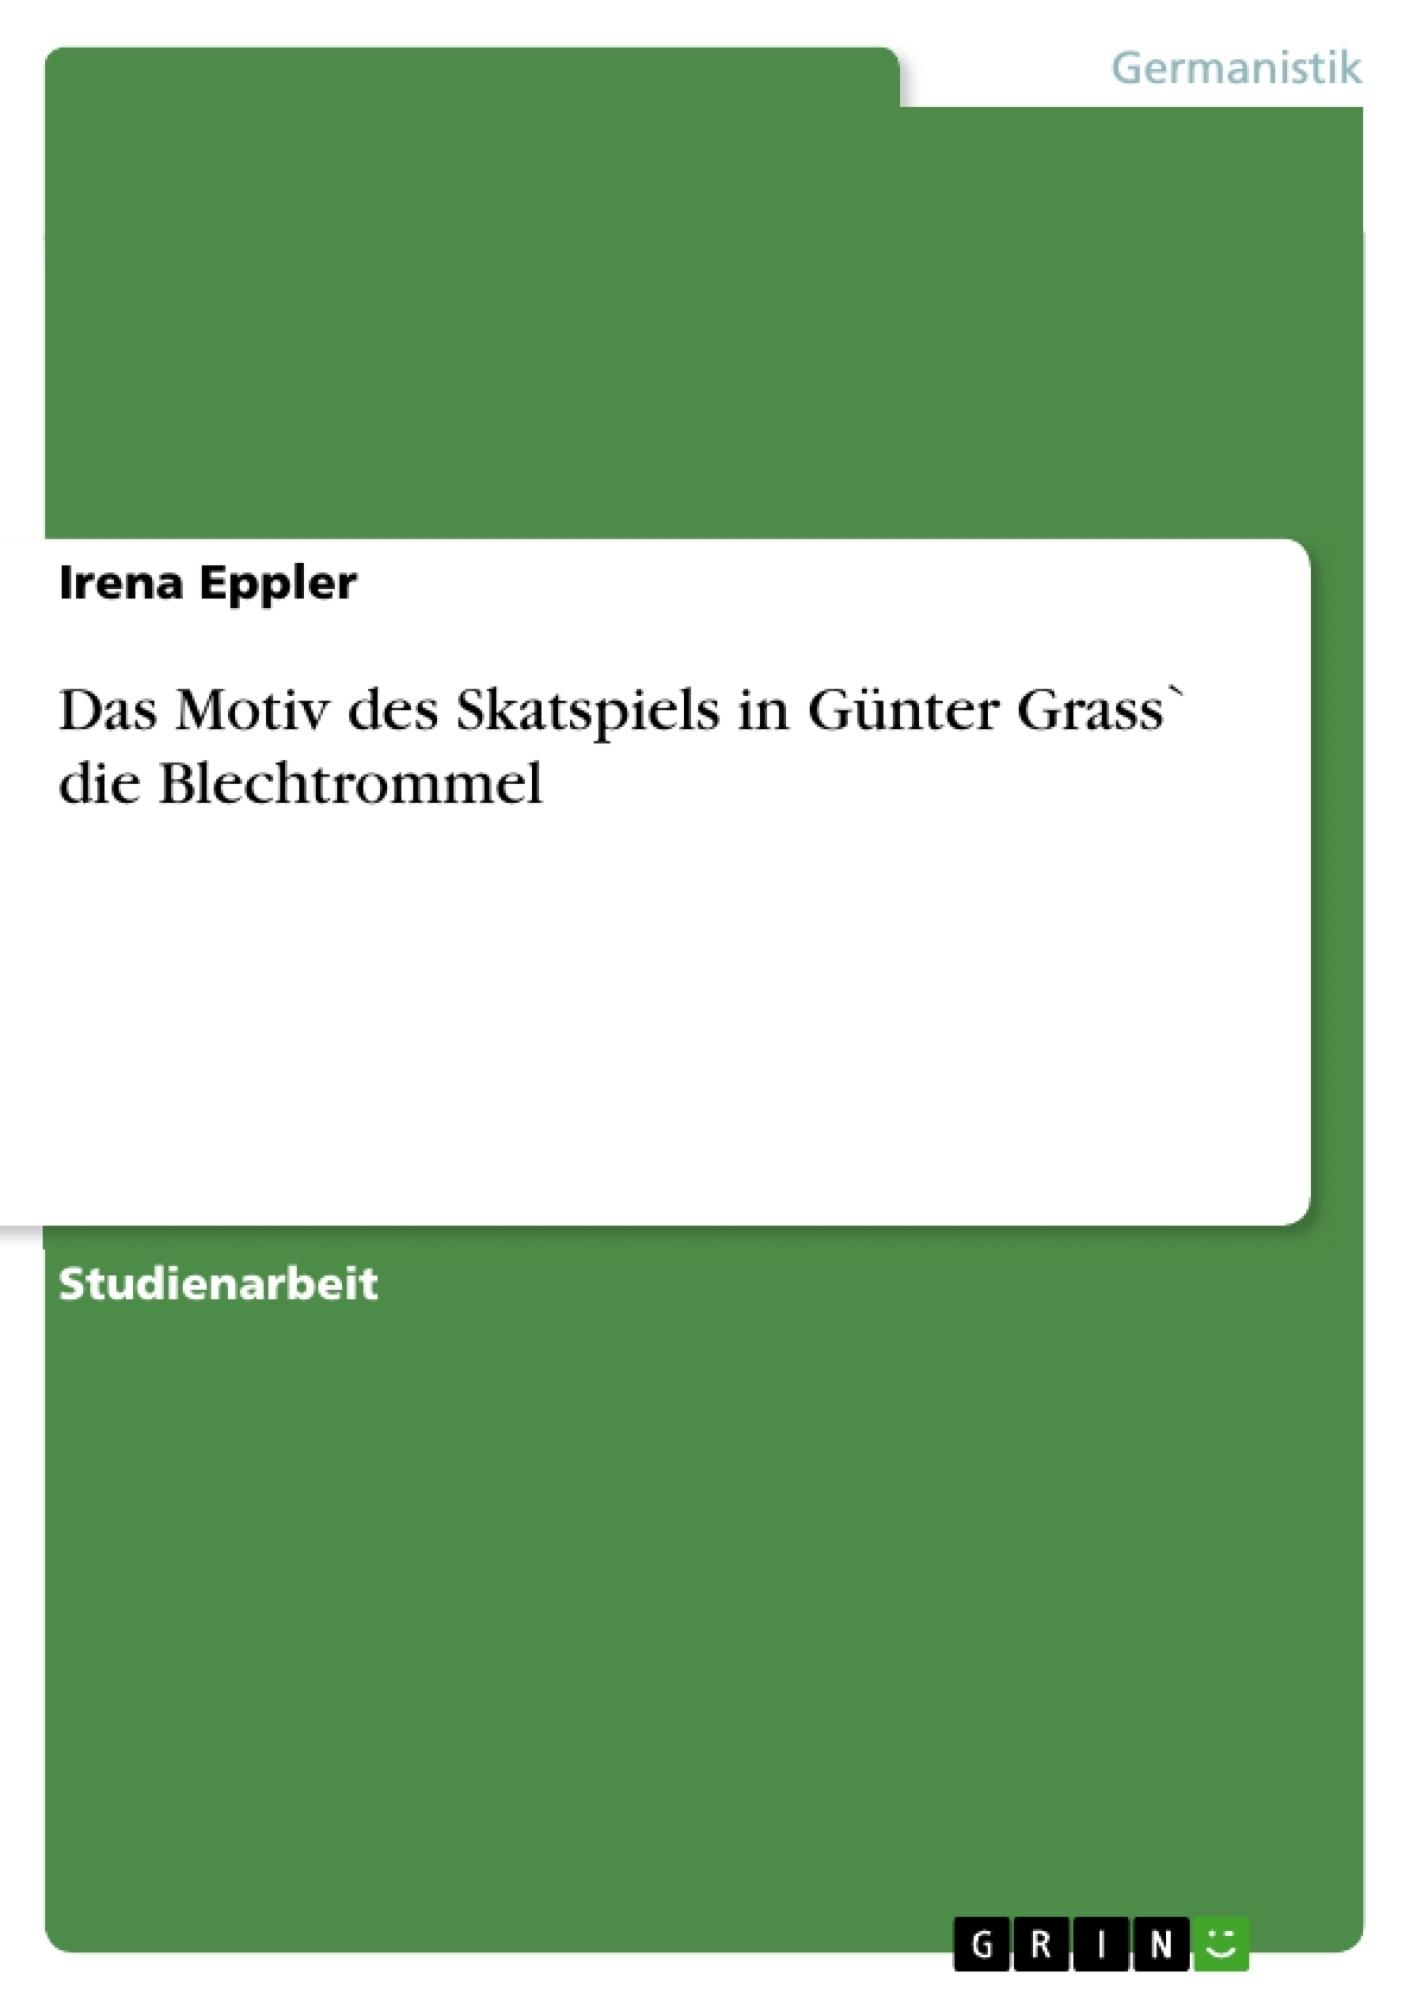 Titel: Das Motiv des Skatspiels in Günter Grass` die Blechtrommel